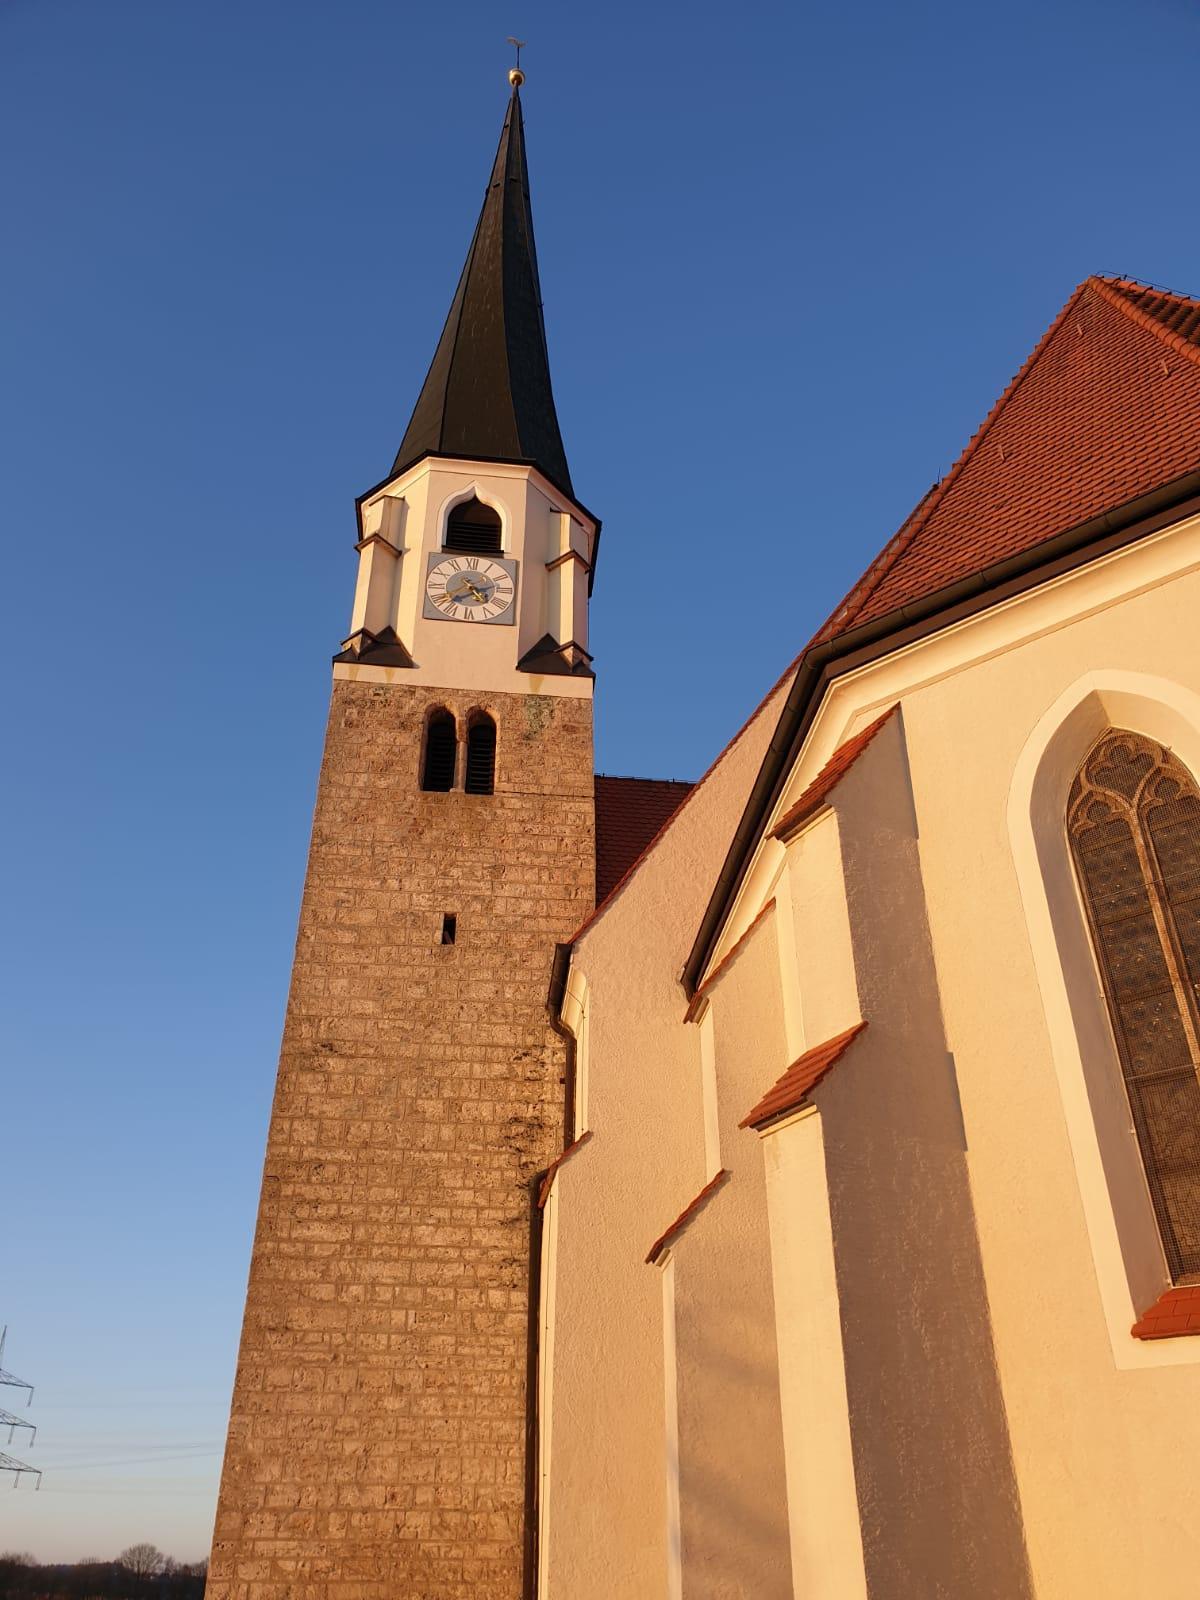 Kirchberg außen Turm